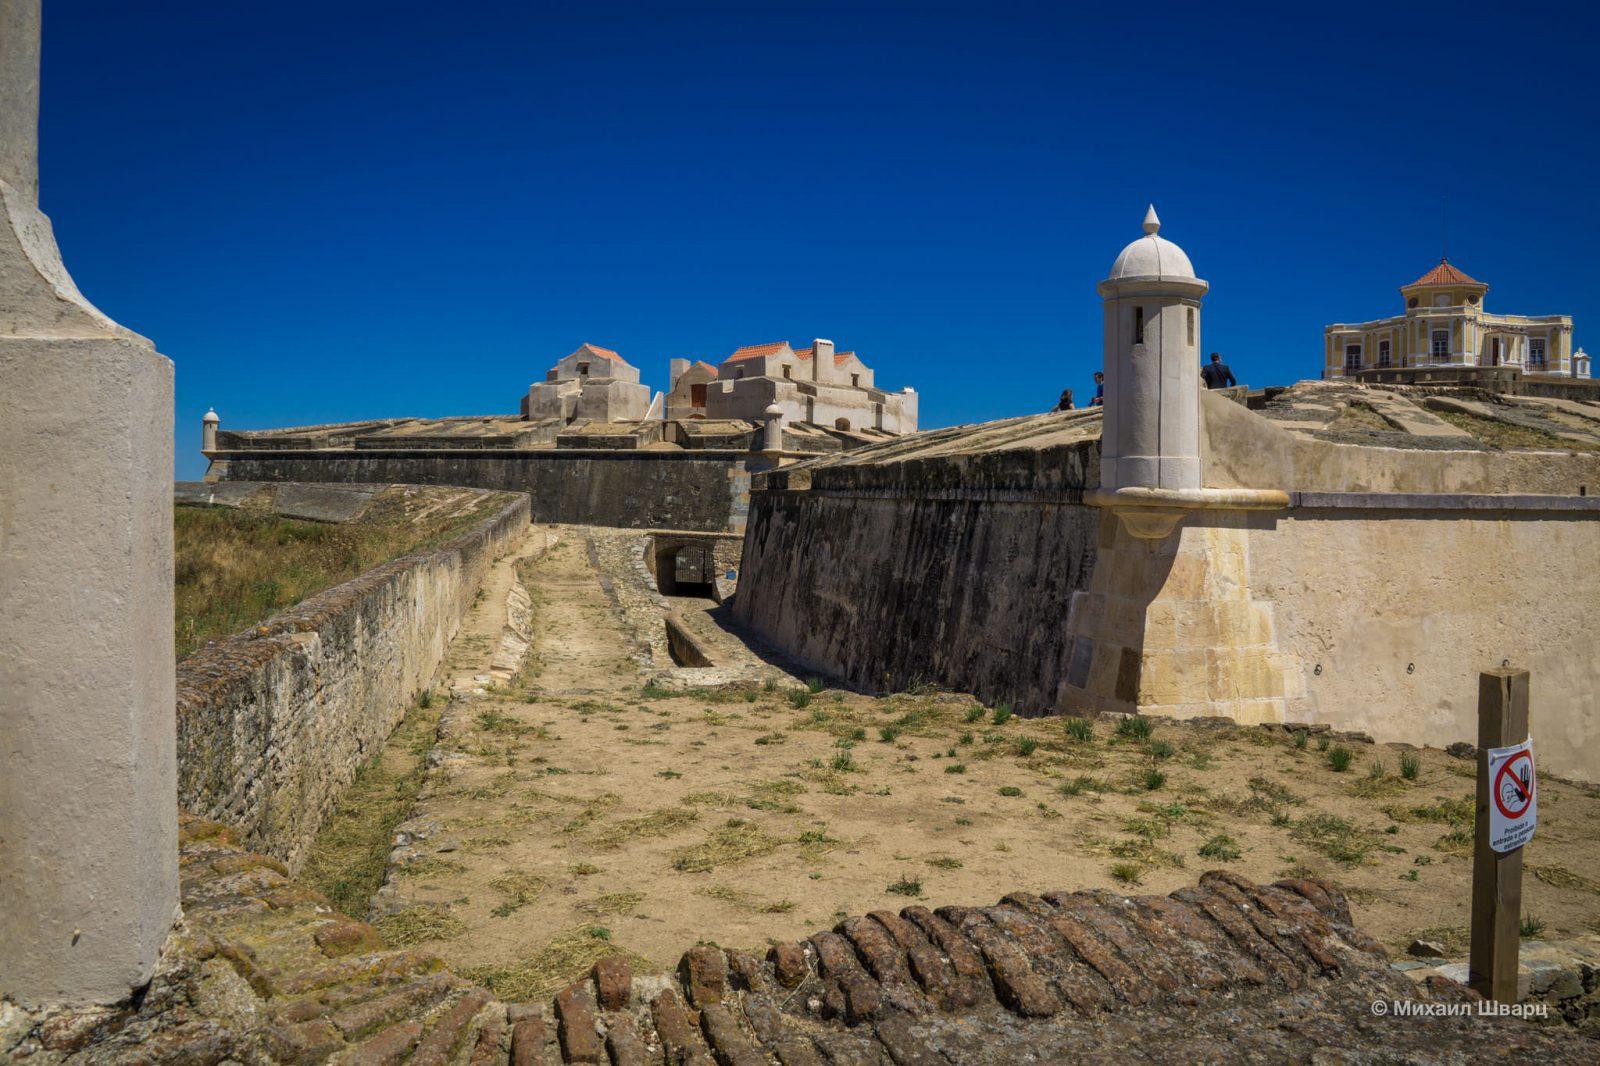 Форт Граса (иногда встречается как Форт Грейс)